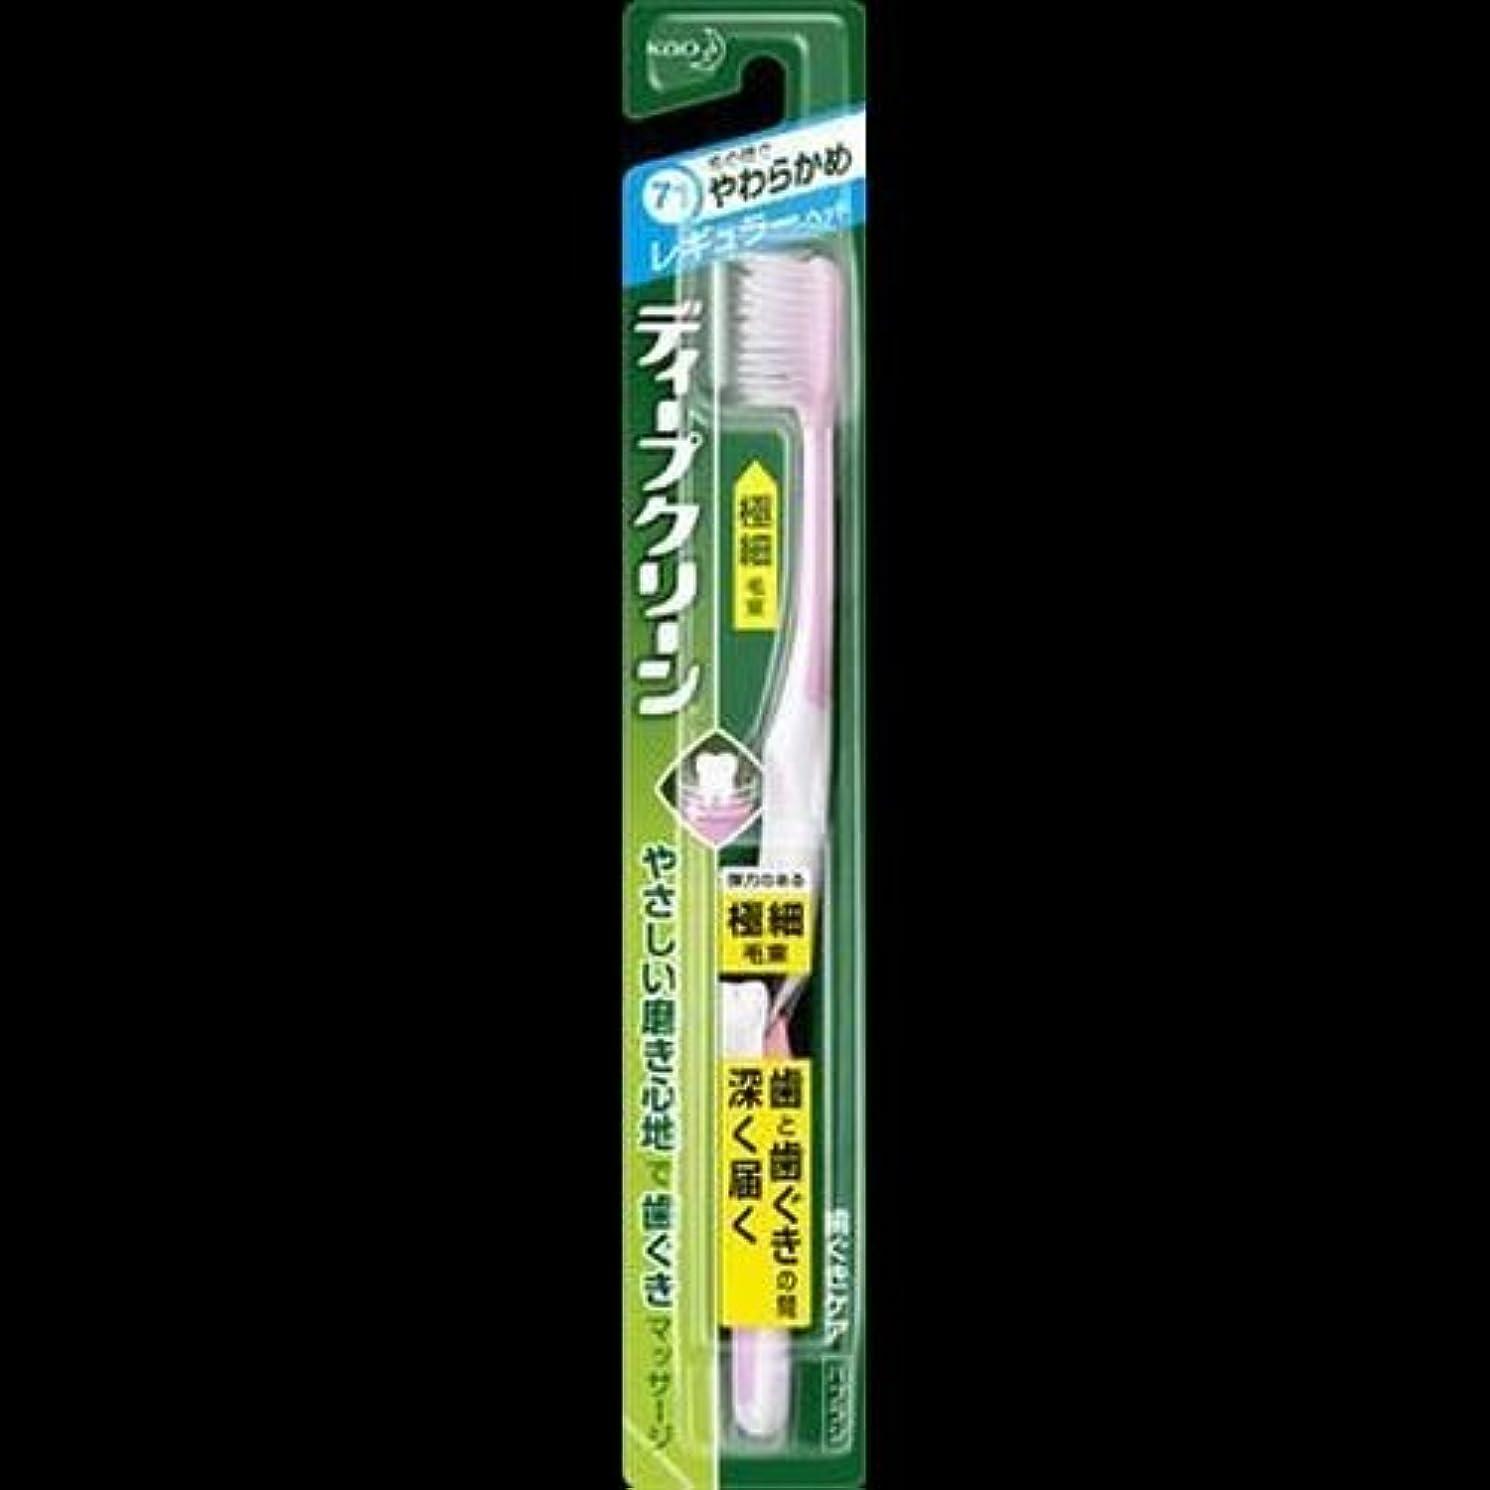 ブラケットインゲン百年【まとめ買い】ディープクリーン ハブラシ レギュラー やわらかめ ×2セット